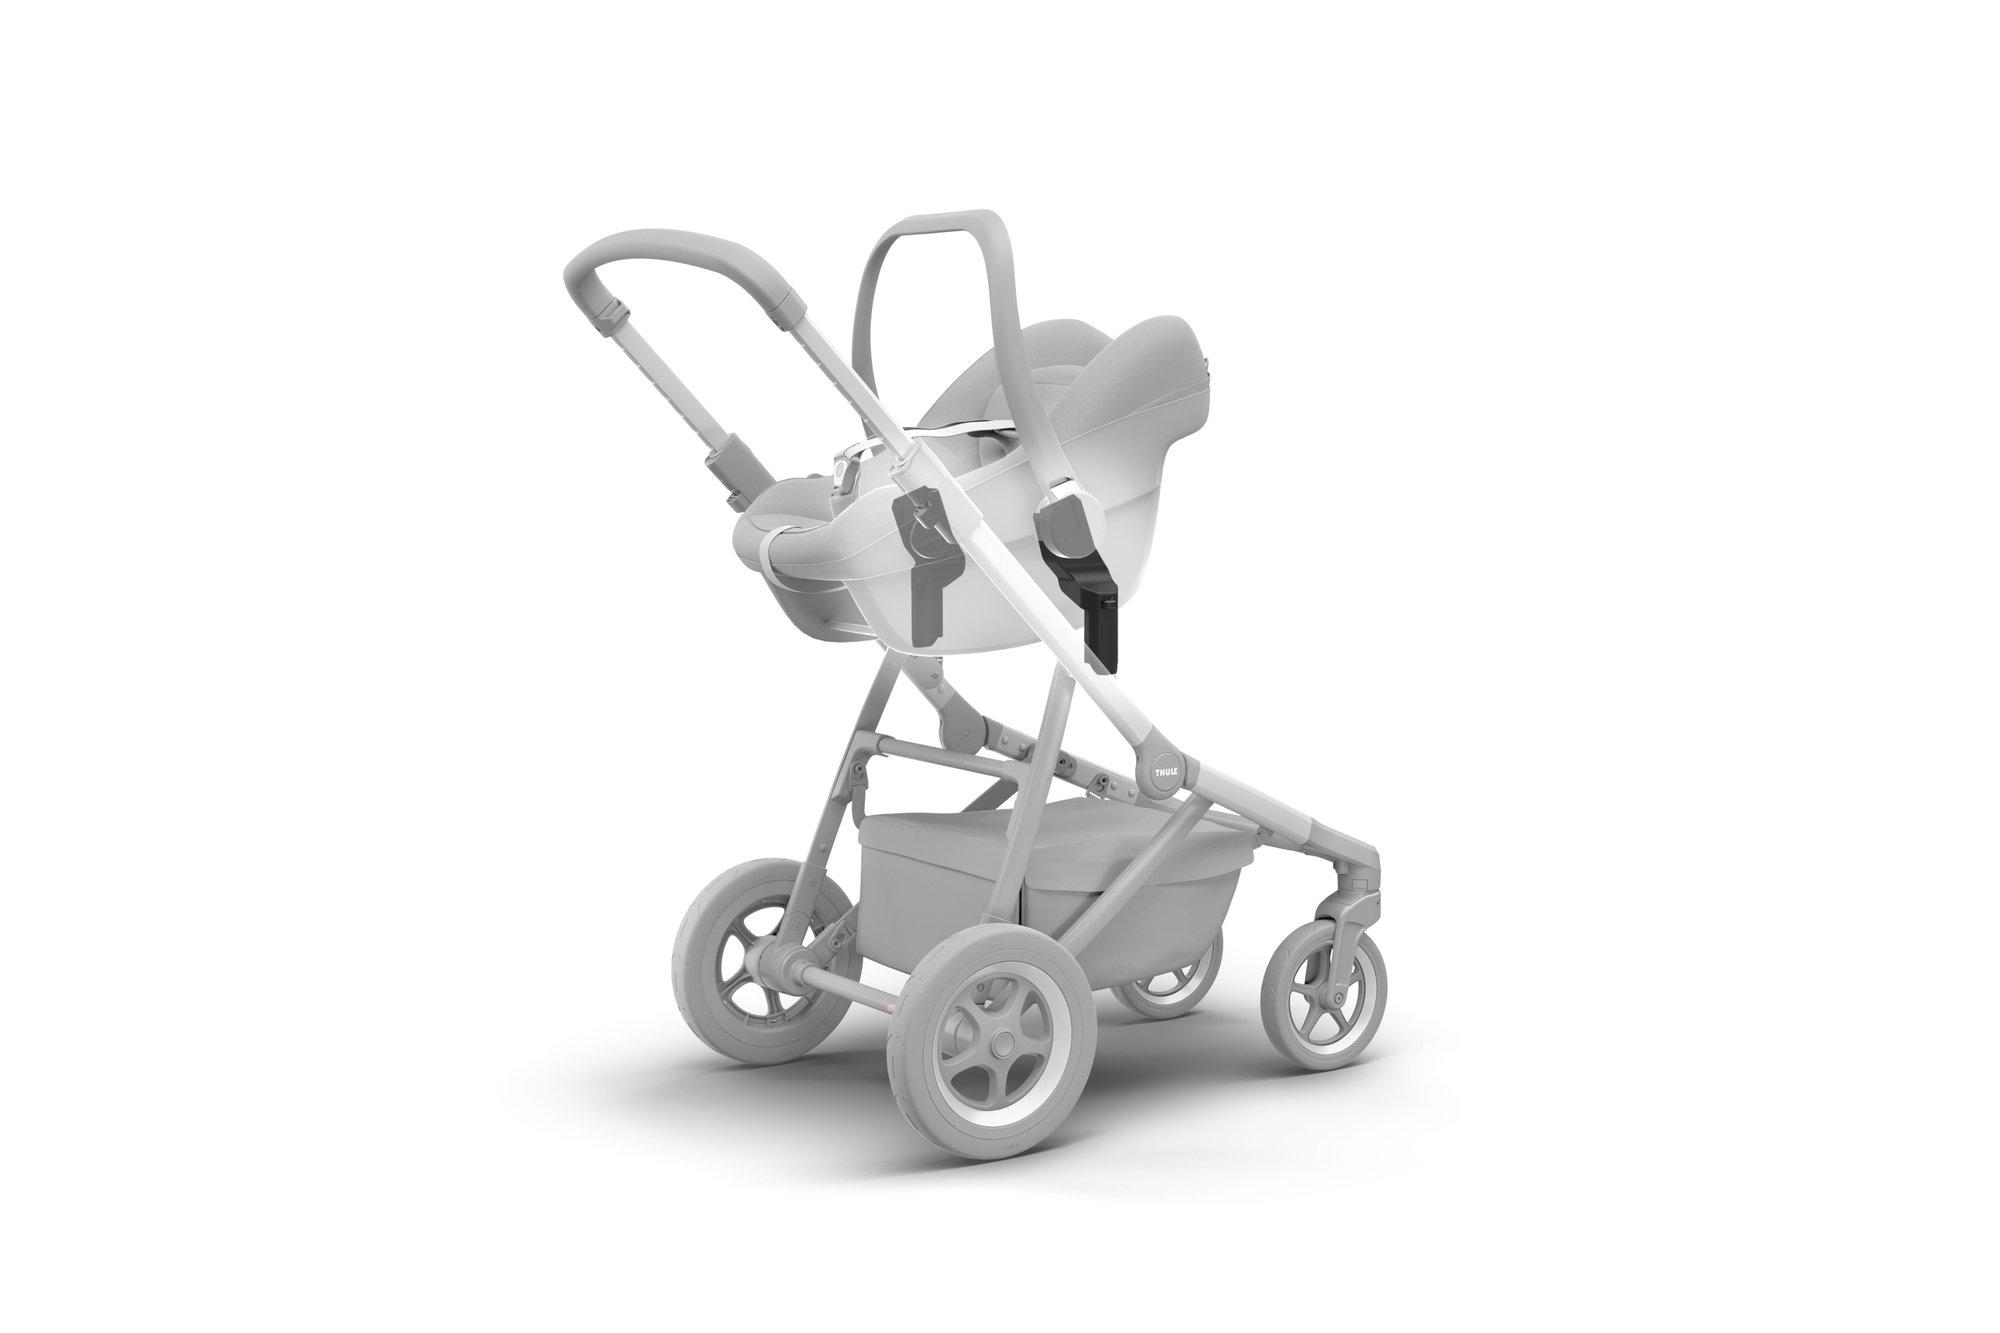 Thule Thule Sleek Car Seat Adaptor (Cybex/Nuna/Maxi Cosi)